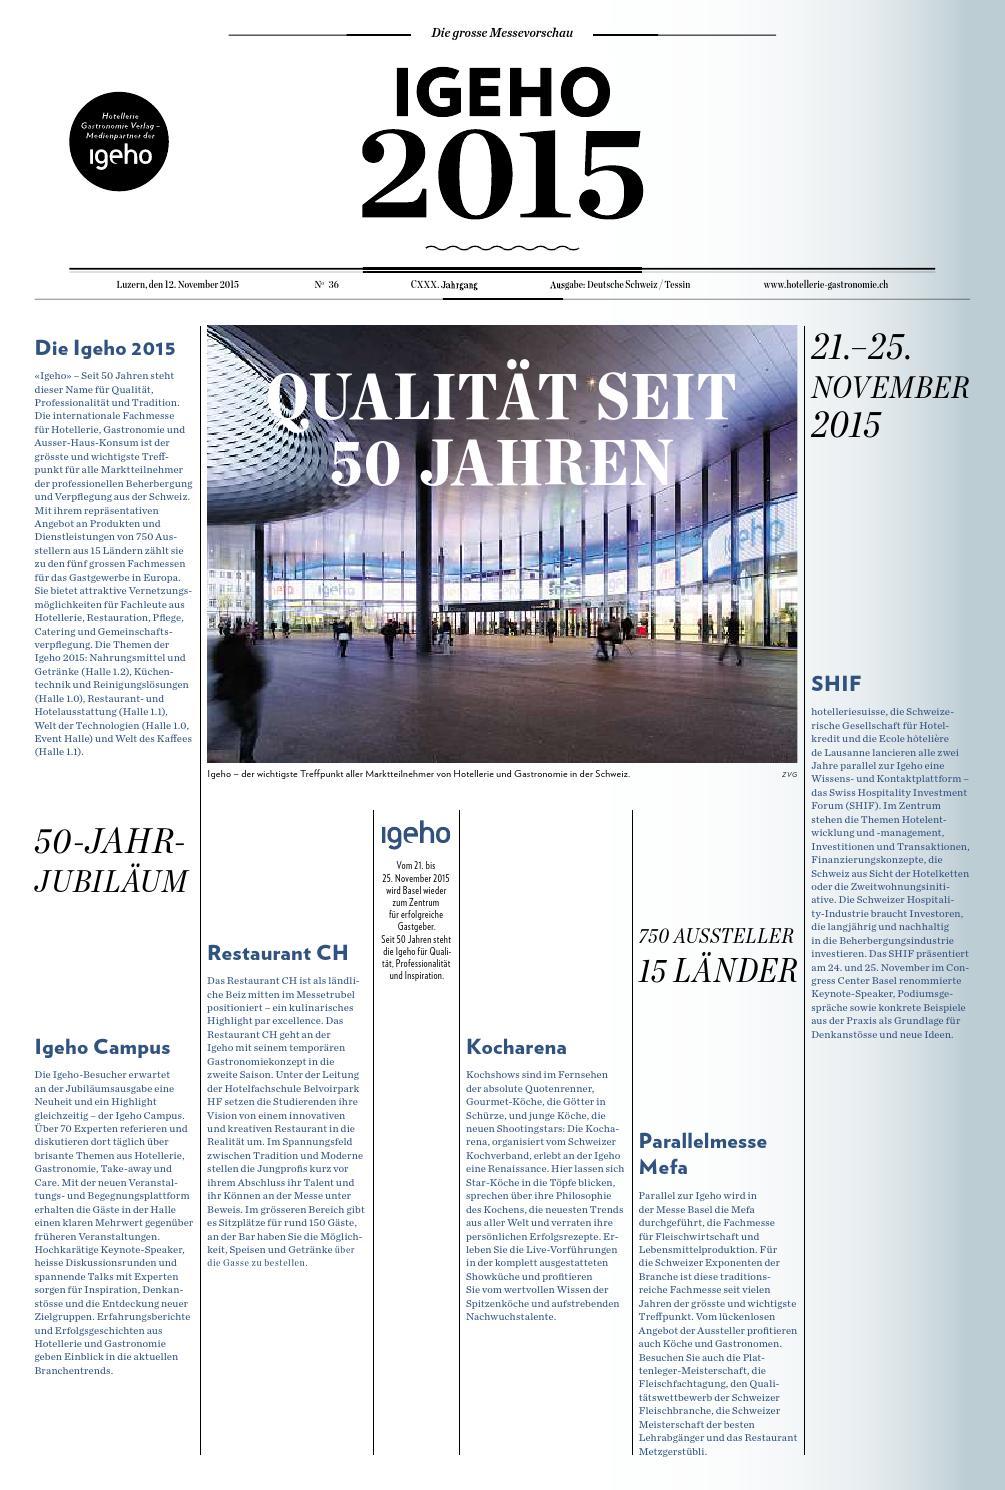 Sonderbund Igeho 2015 by Hotellerie_Gastronomie_Verlag - issuu